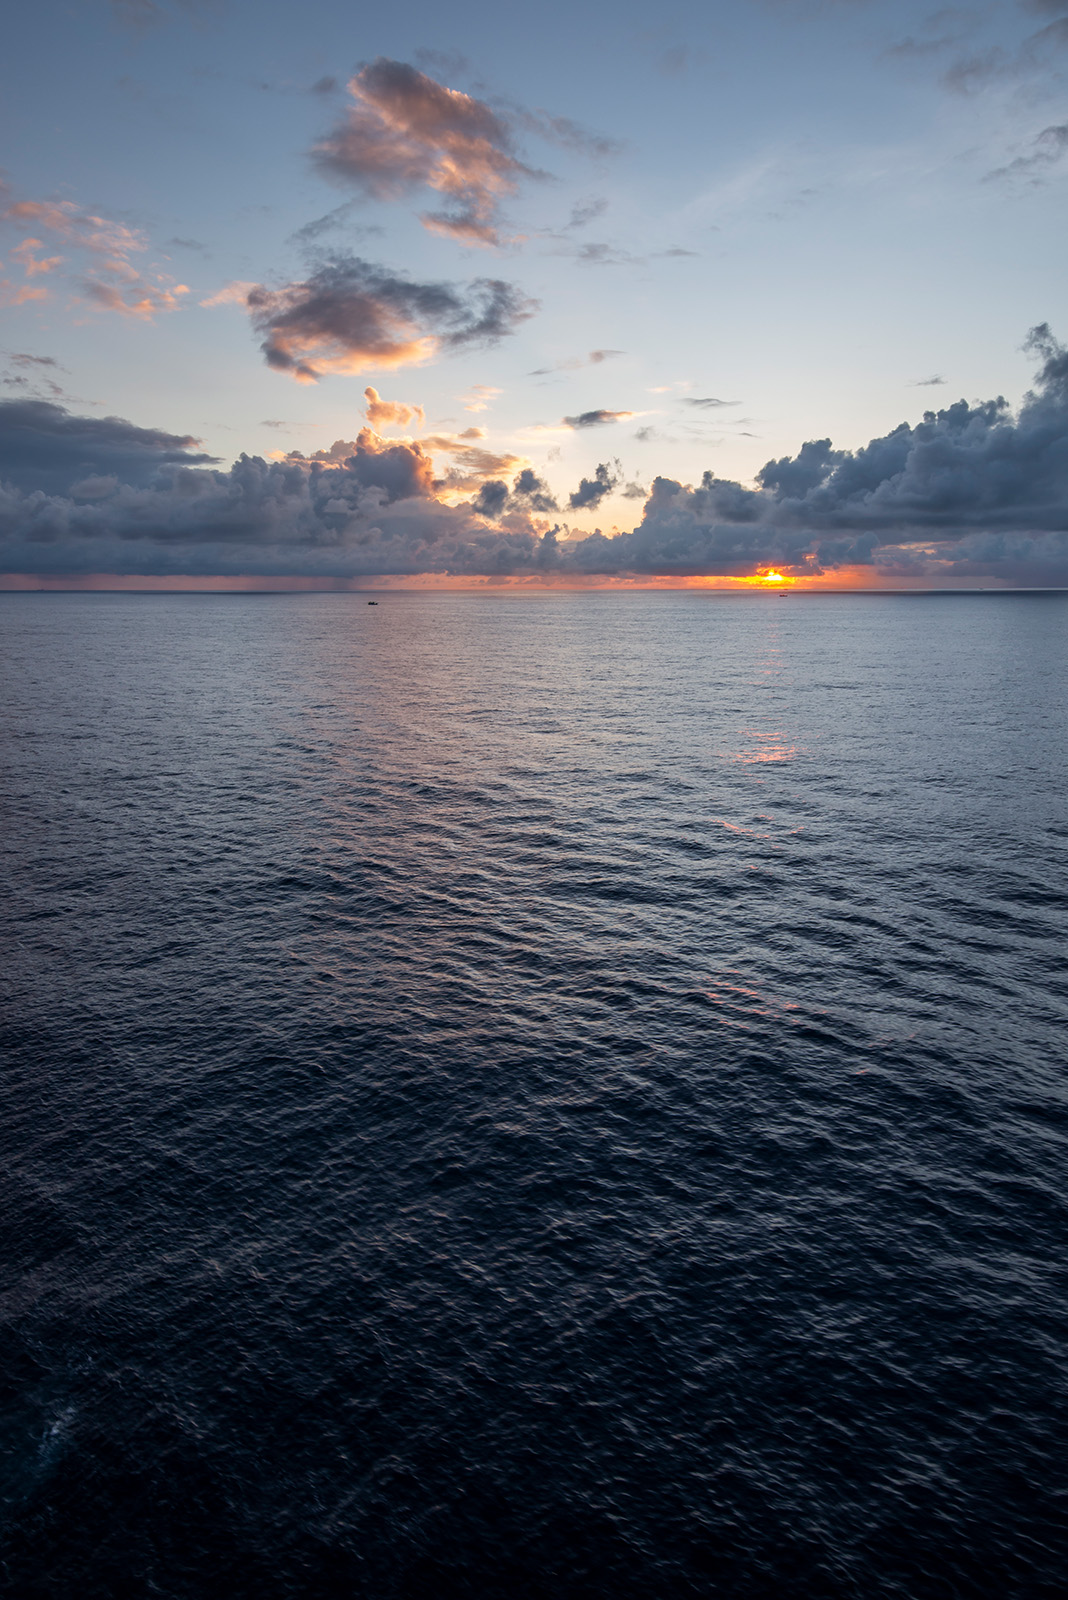 太阳又要进入云层之中了,但是似乎色彩并不会随之消失。这些云朵下面依旧在降雨,每一张照片都可以看到。